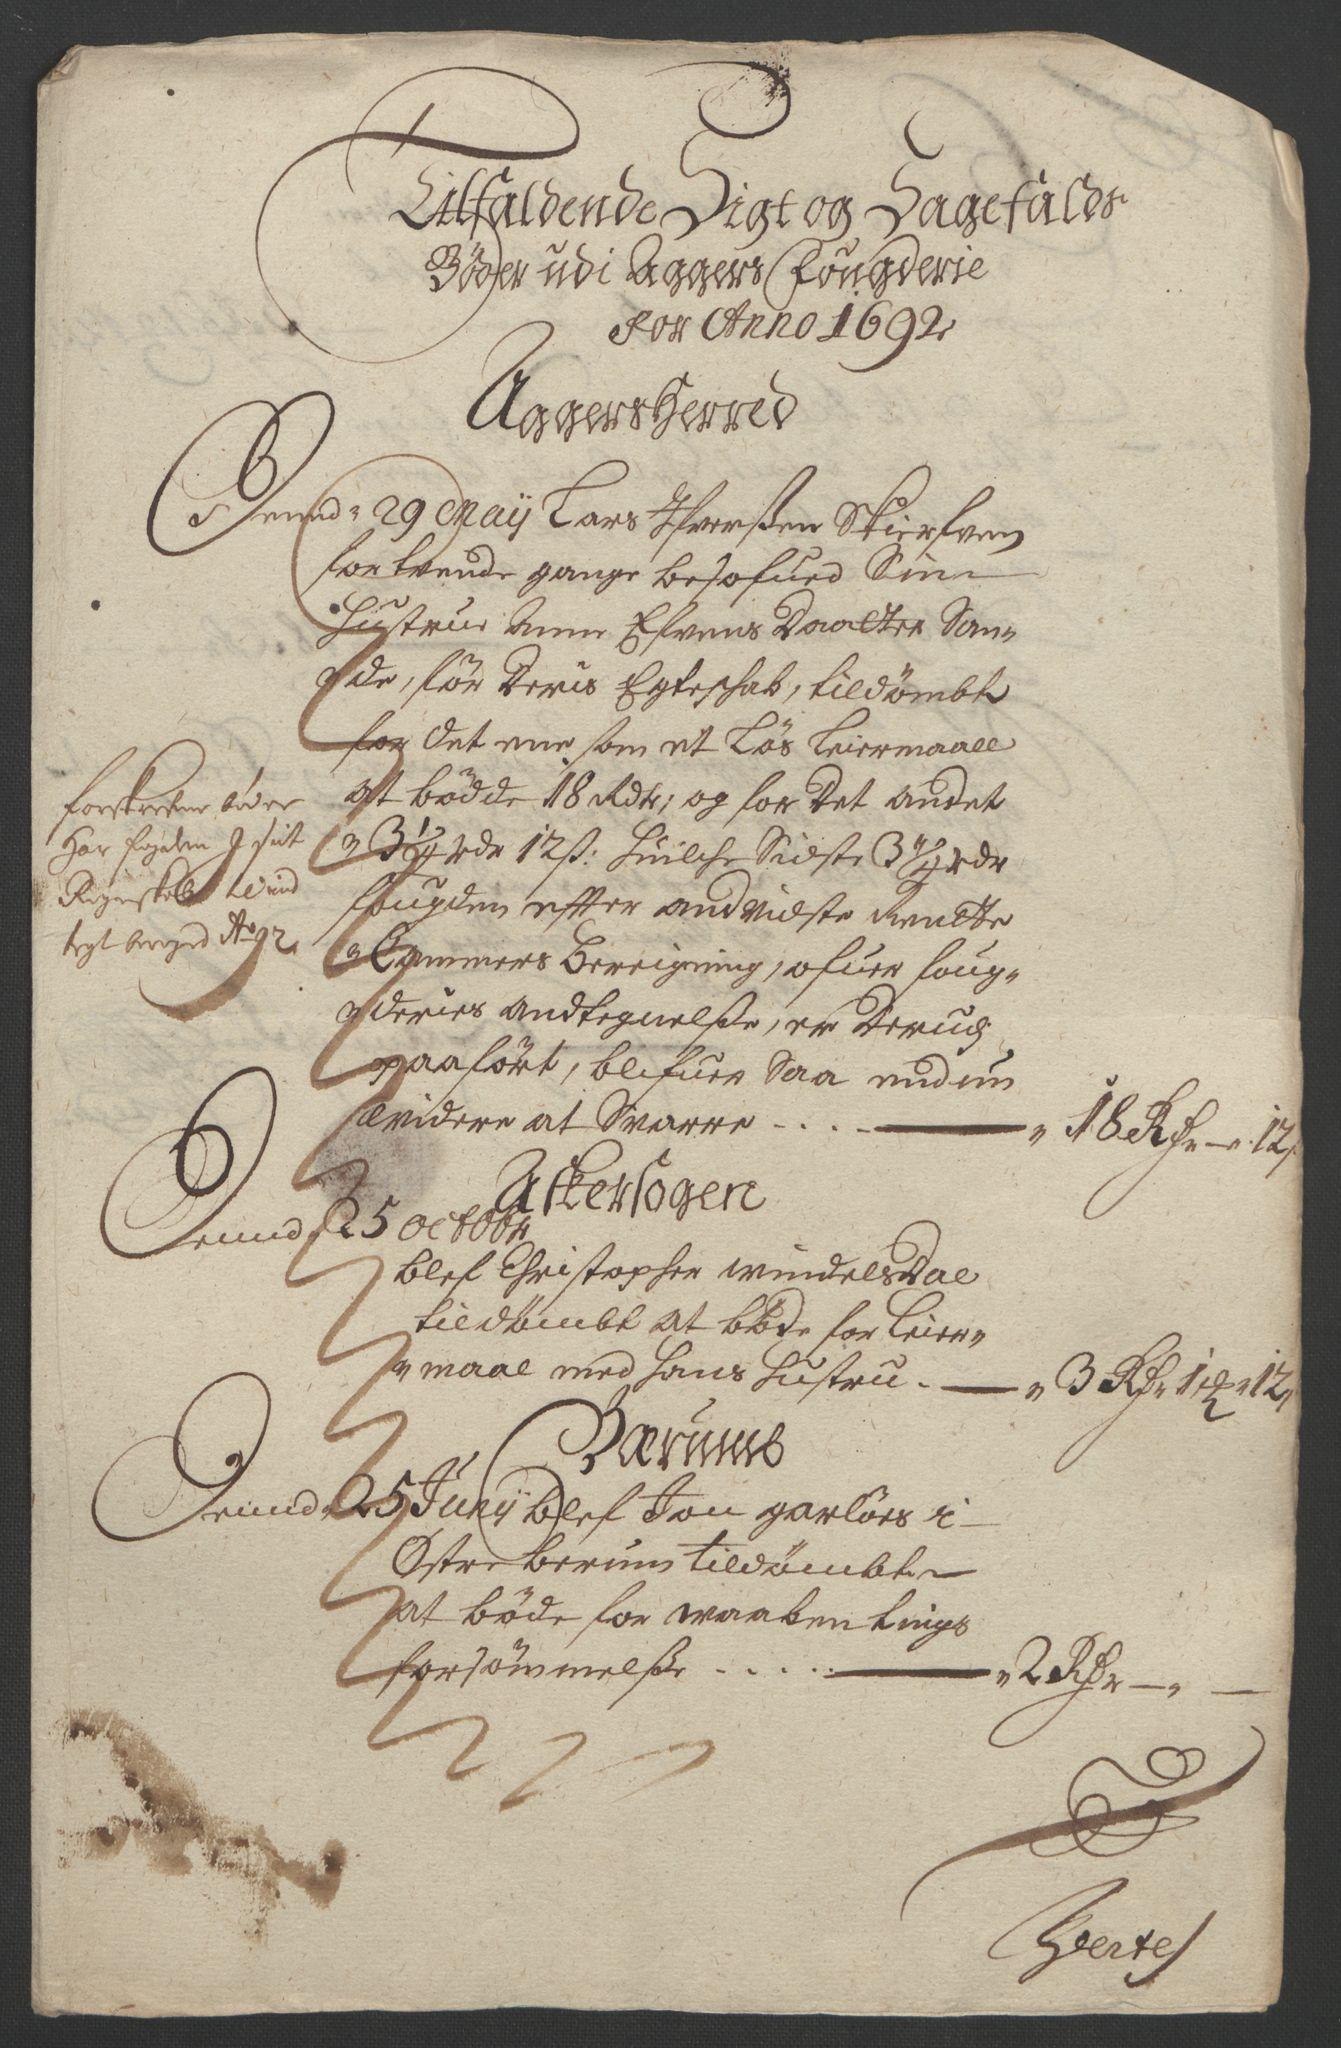 RA, Rentekammeret inntil 1814, Reviderte regnskaper, Fogderegnskap, R08/L0426: Fogderegnskap Aker, 1692-1693, s. 83